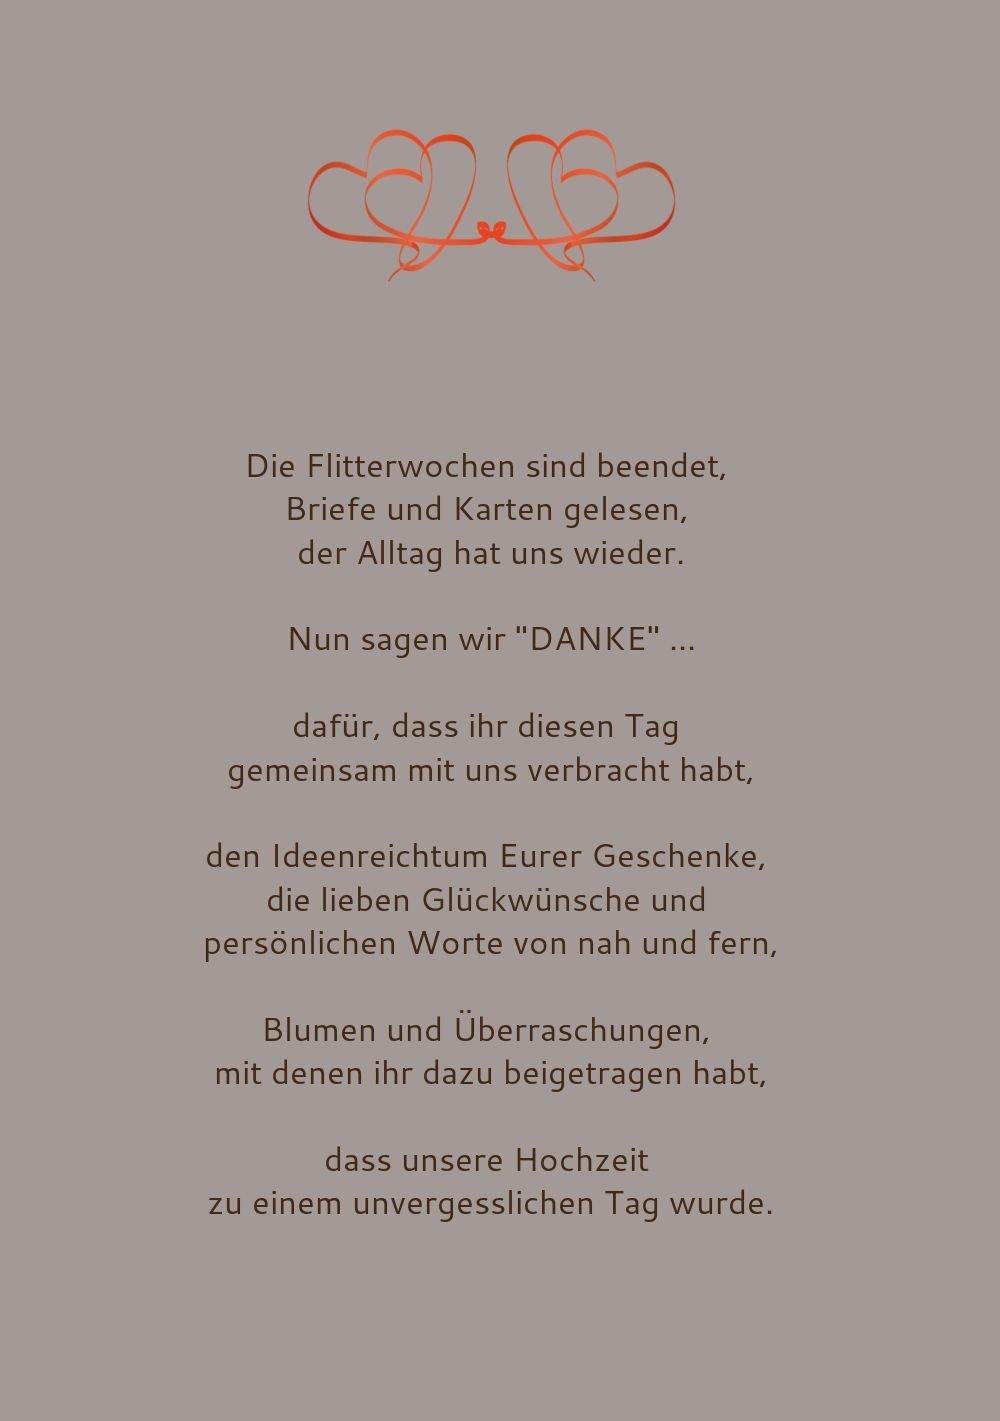 Kartenparadies Kartenparadies Kartenparadies Danksagung für Hochzeitsgeschenke Hochzeit Dankeskarte Turteltäubchen, hochwertige Danksagungskarte Hochzeitsglückwünsche inklusive Umschläge   20 Karten - (Format  105x148 mm) Farbe  DunkelgrauBraun B01NBX17GJ | Ve 84fe14